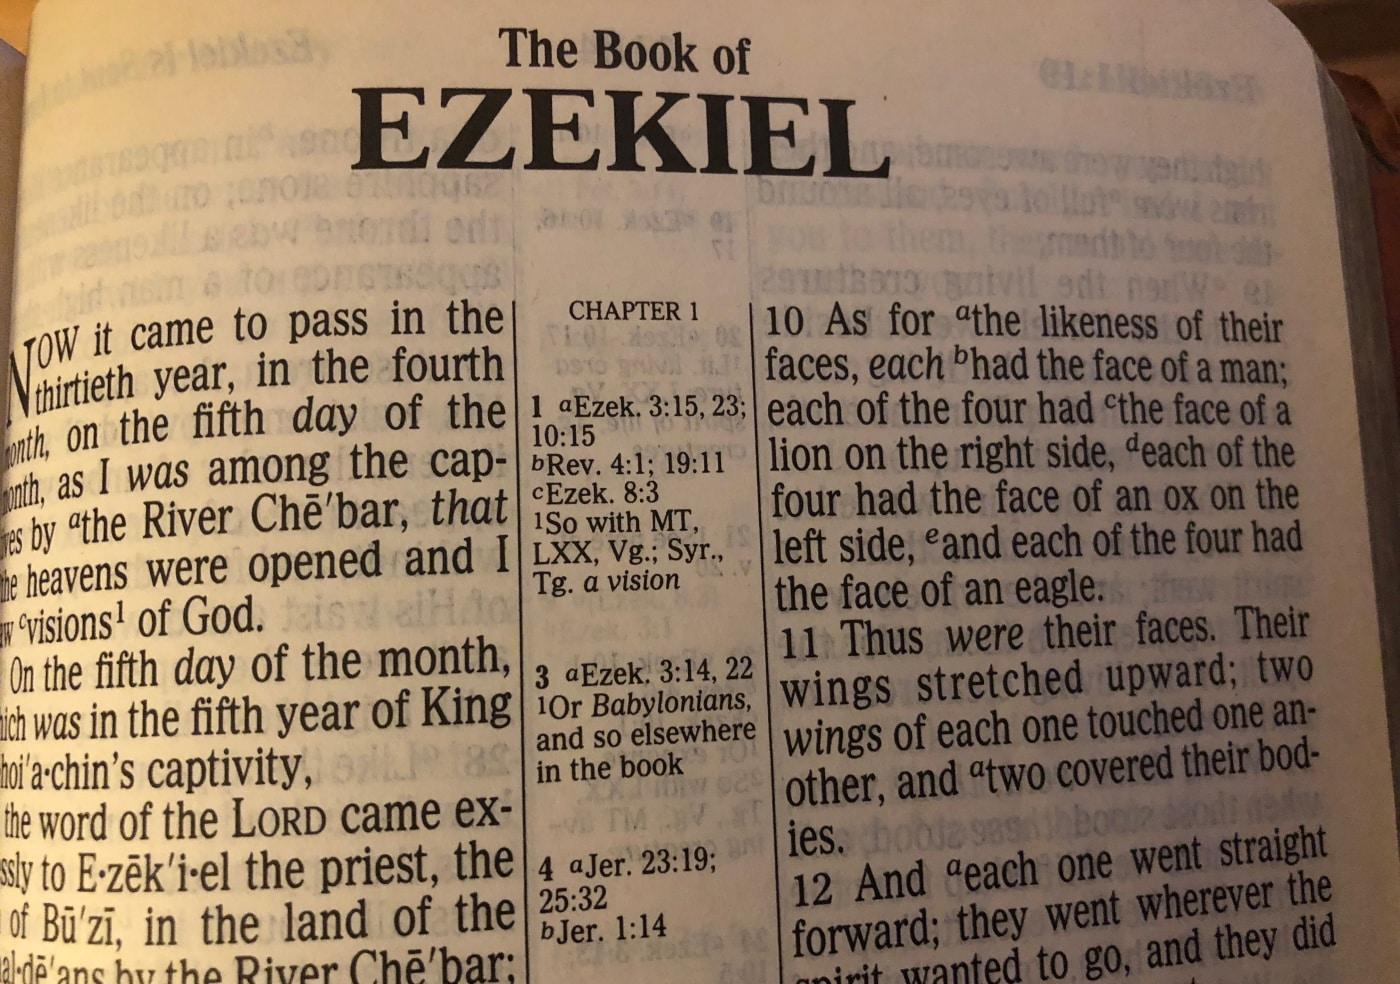 Ezekiel #11